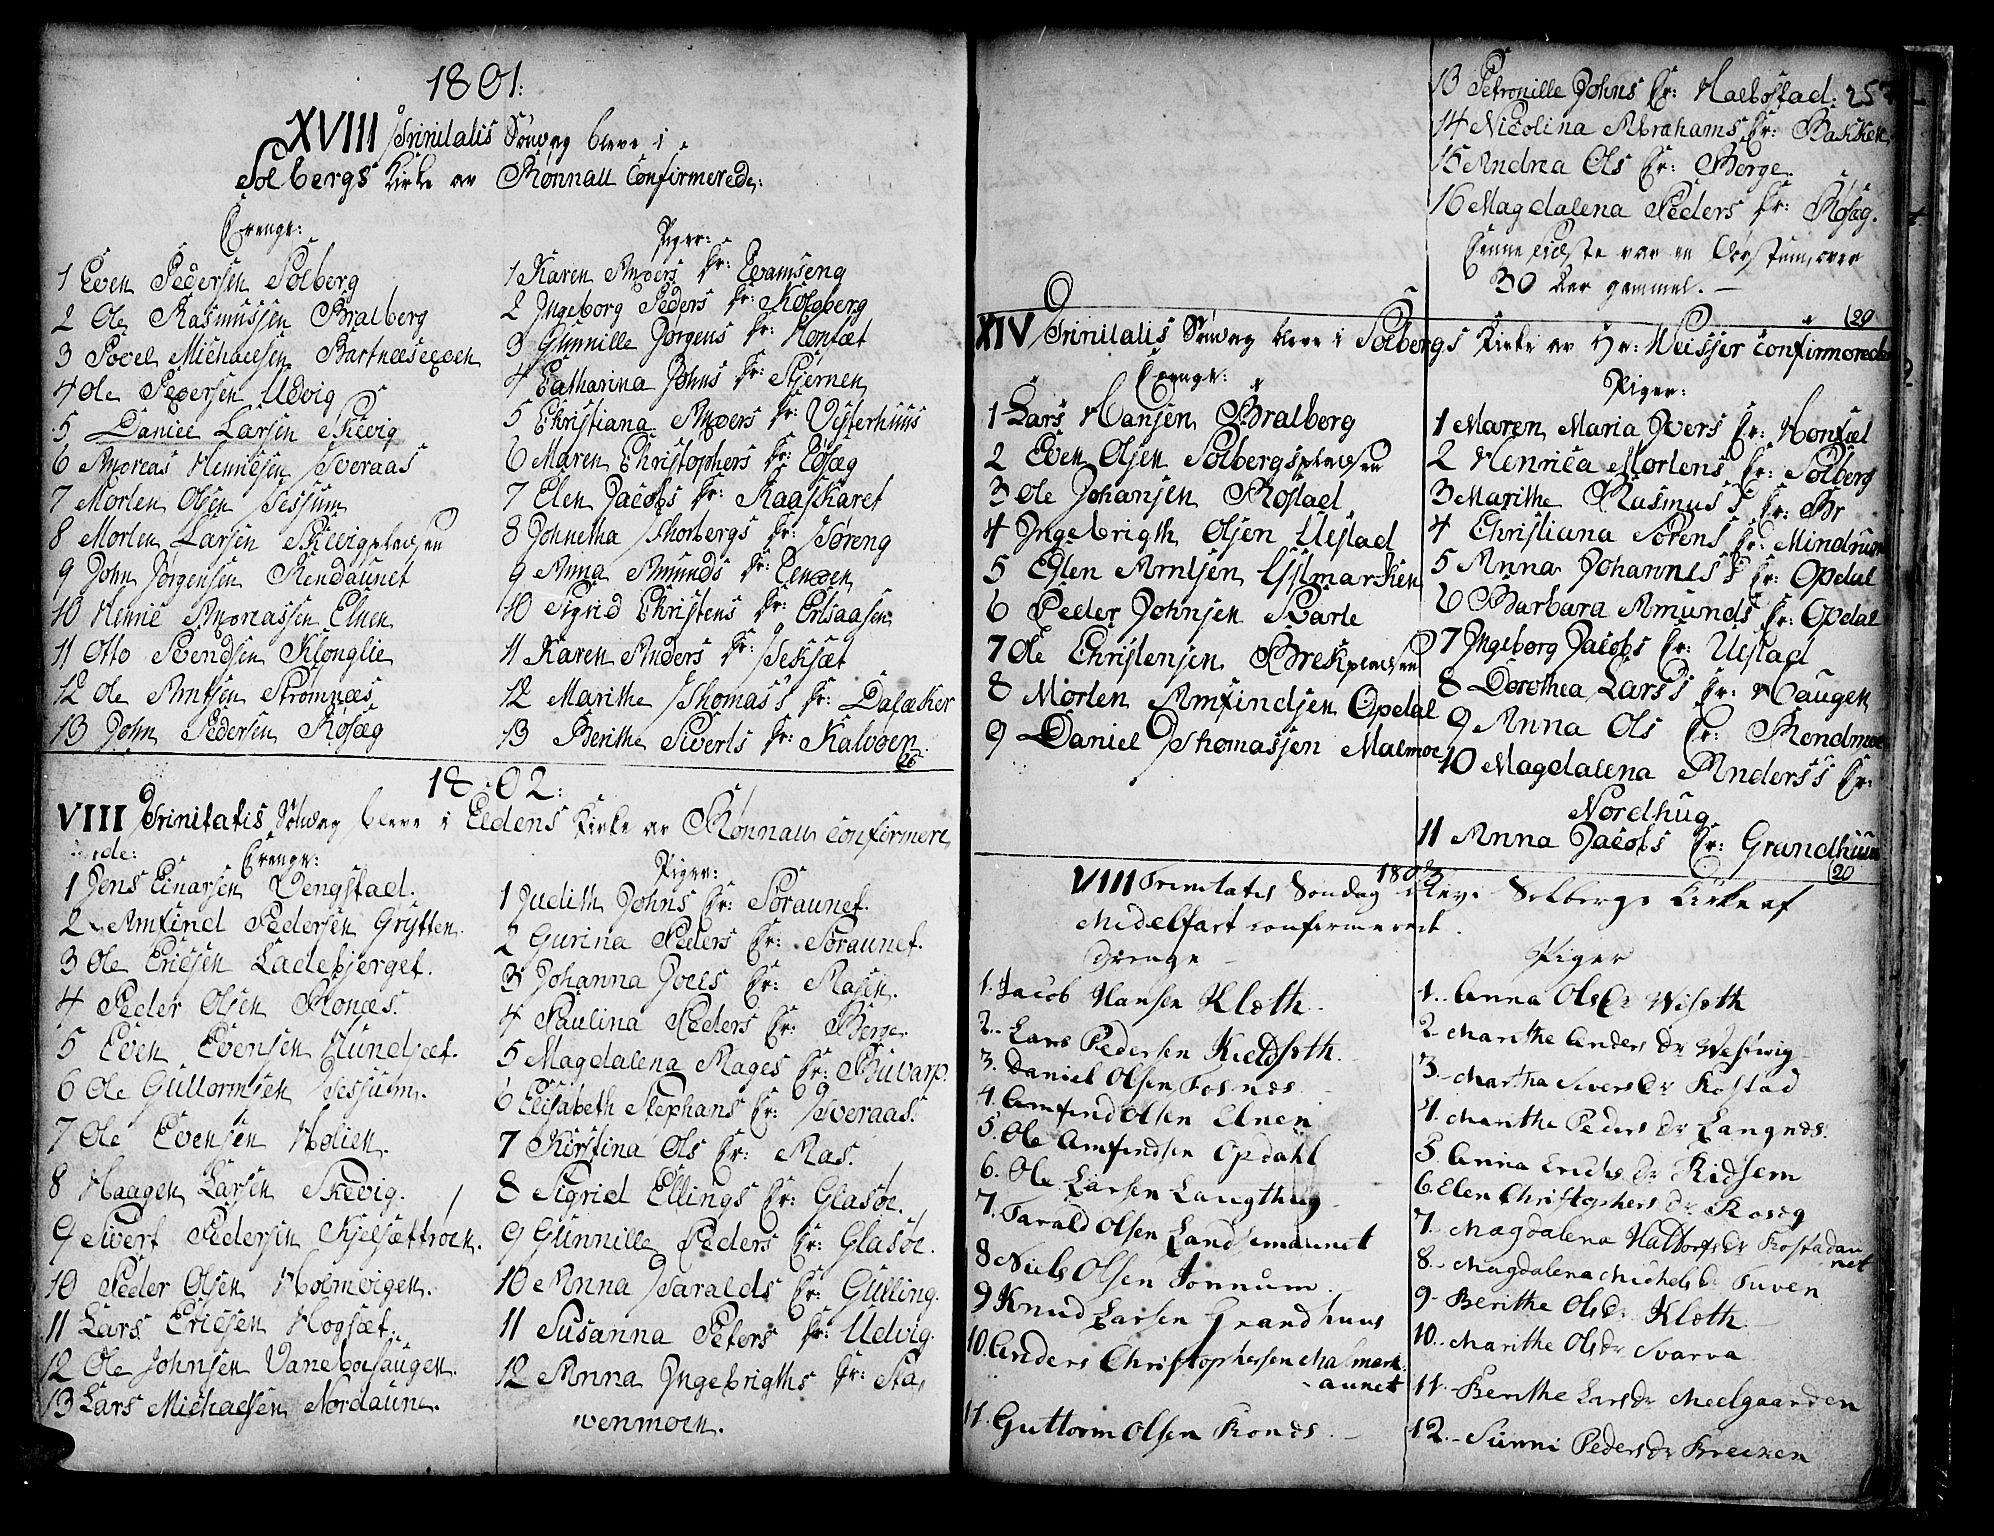 SAT, Ministerialprotokoller, klokkerbøker og fødselsregistre - Nord-Trøndelag, 741/L0385: Ministerialbok nr. 741A01, 1722-1815, s. 257